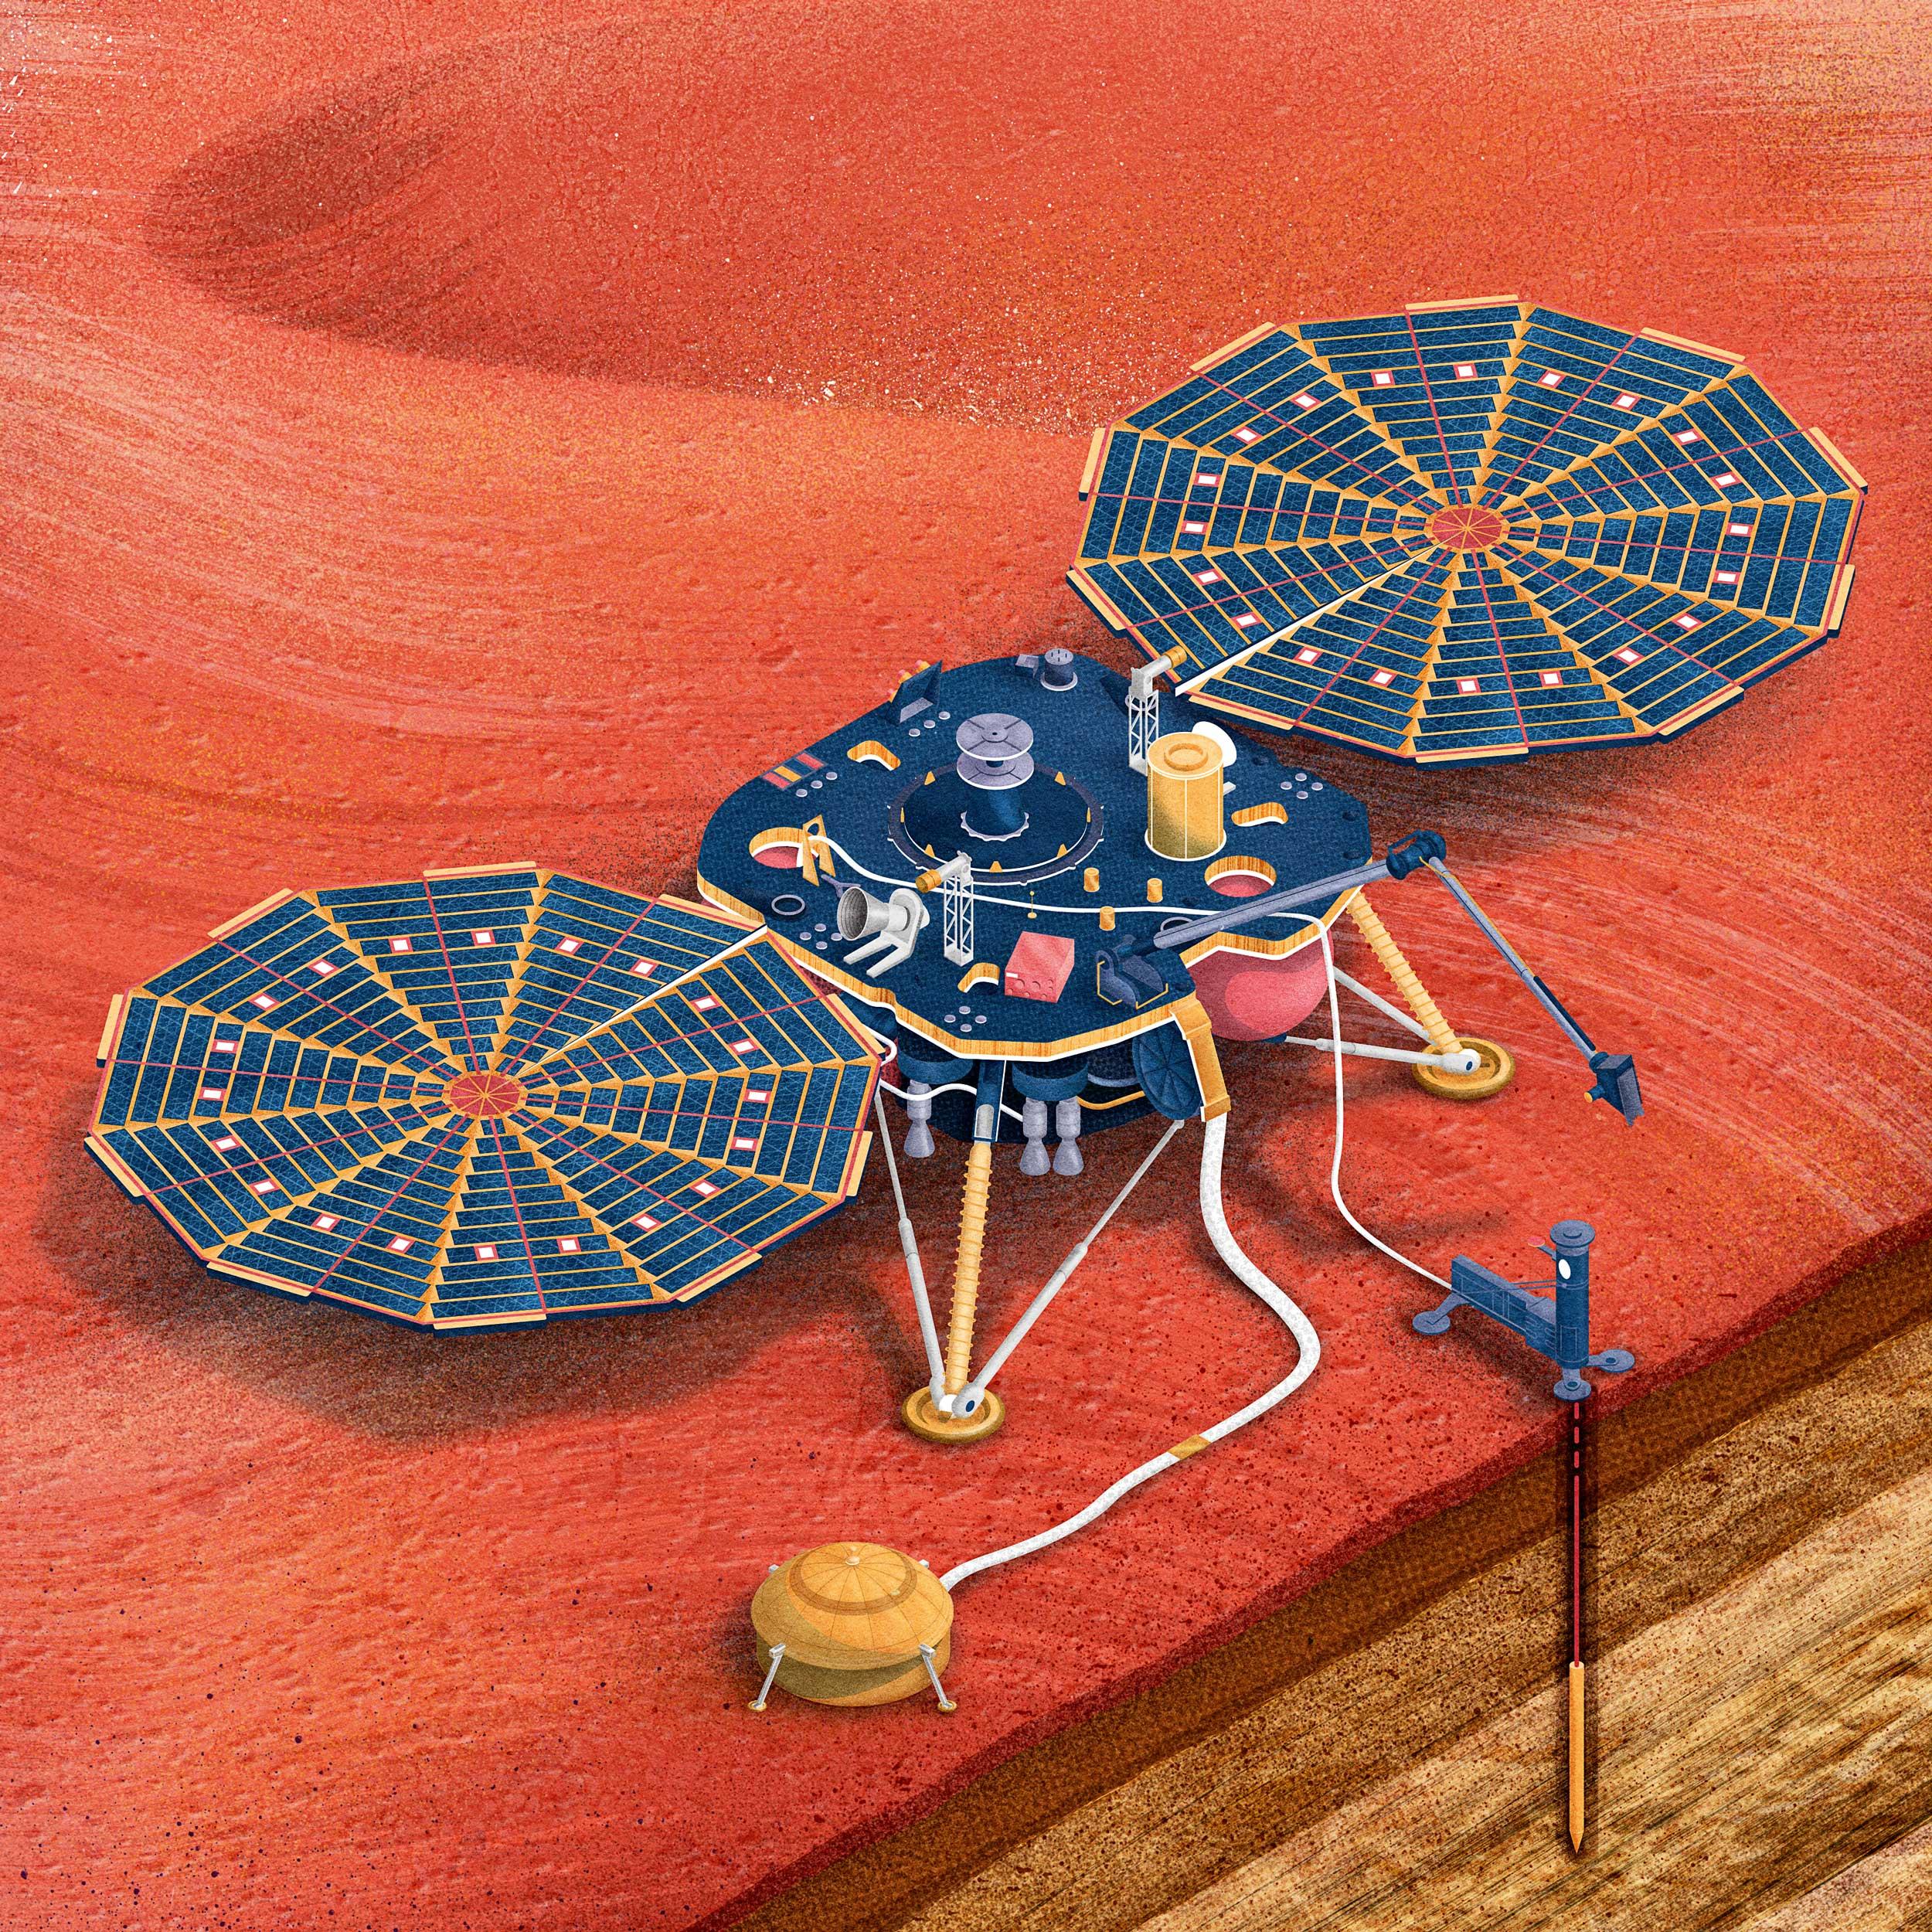 MARS-INSIGHT-main-2500px.jpg